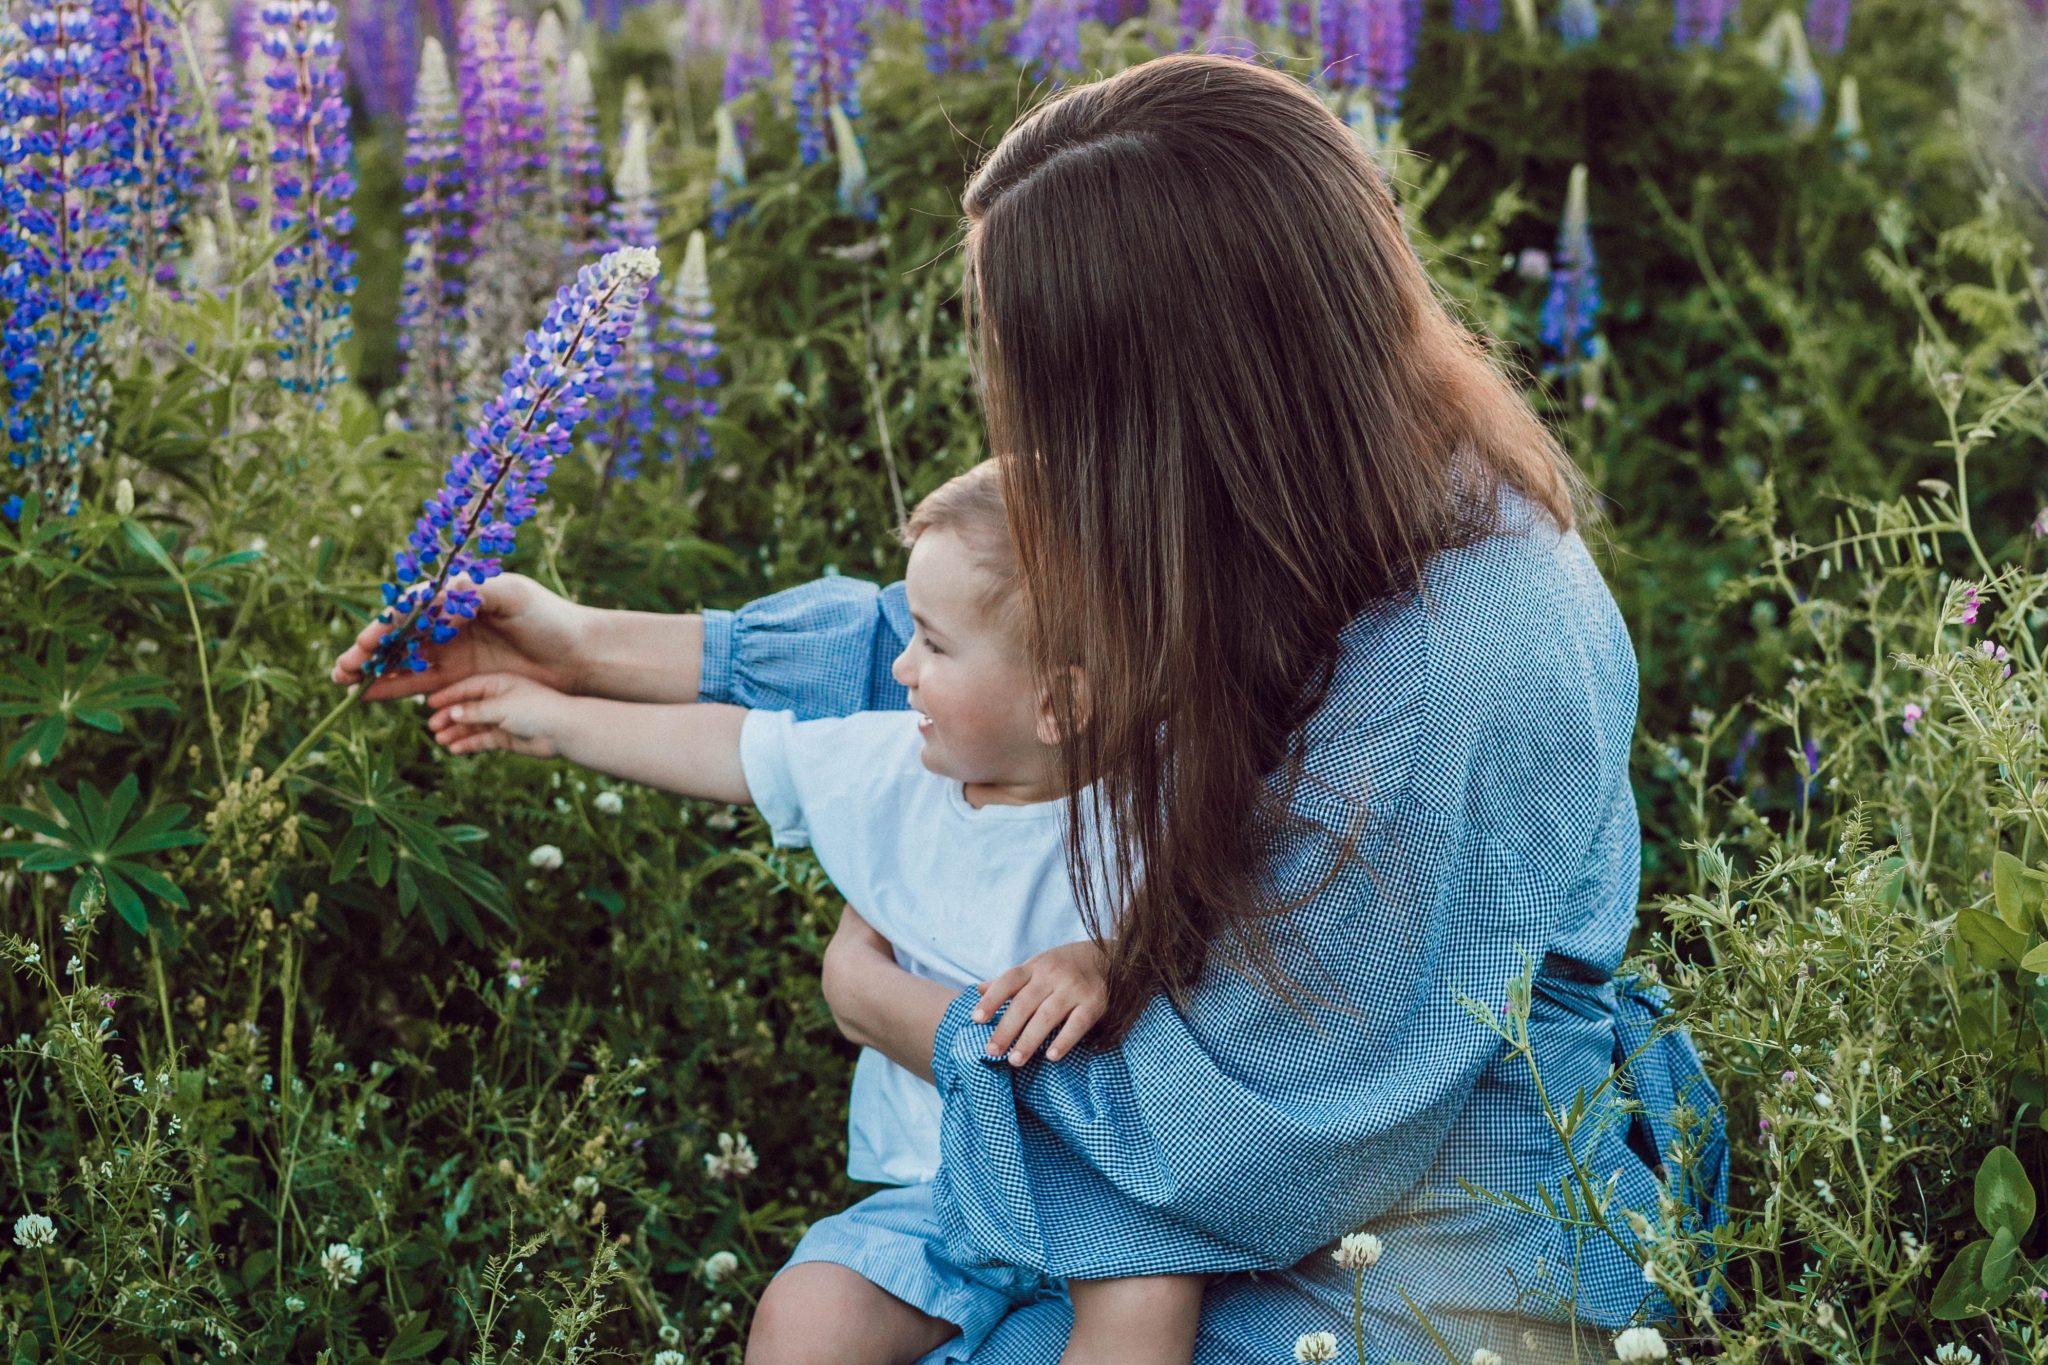 studiu speranta de viata femei copii